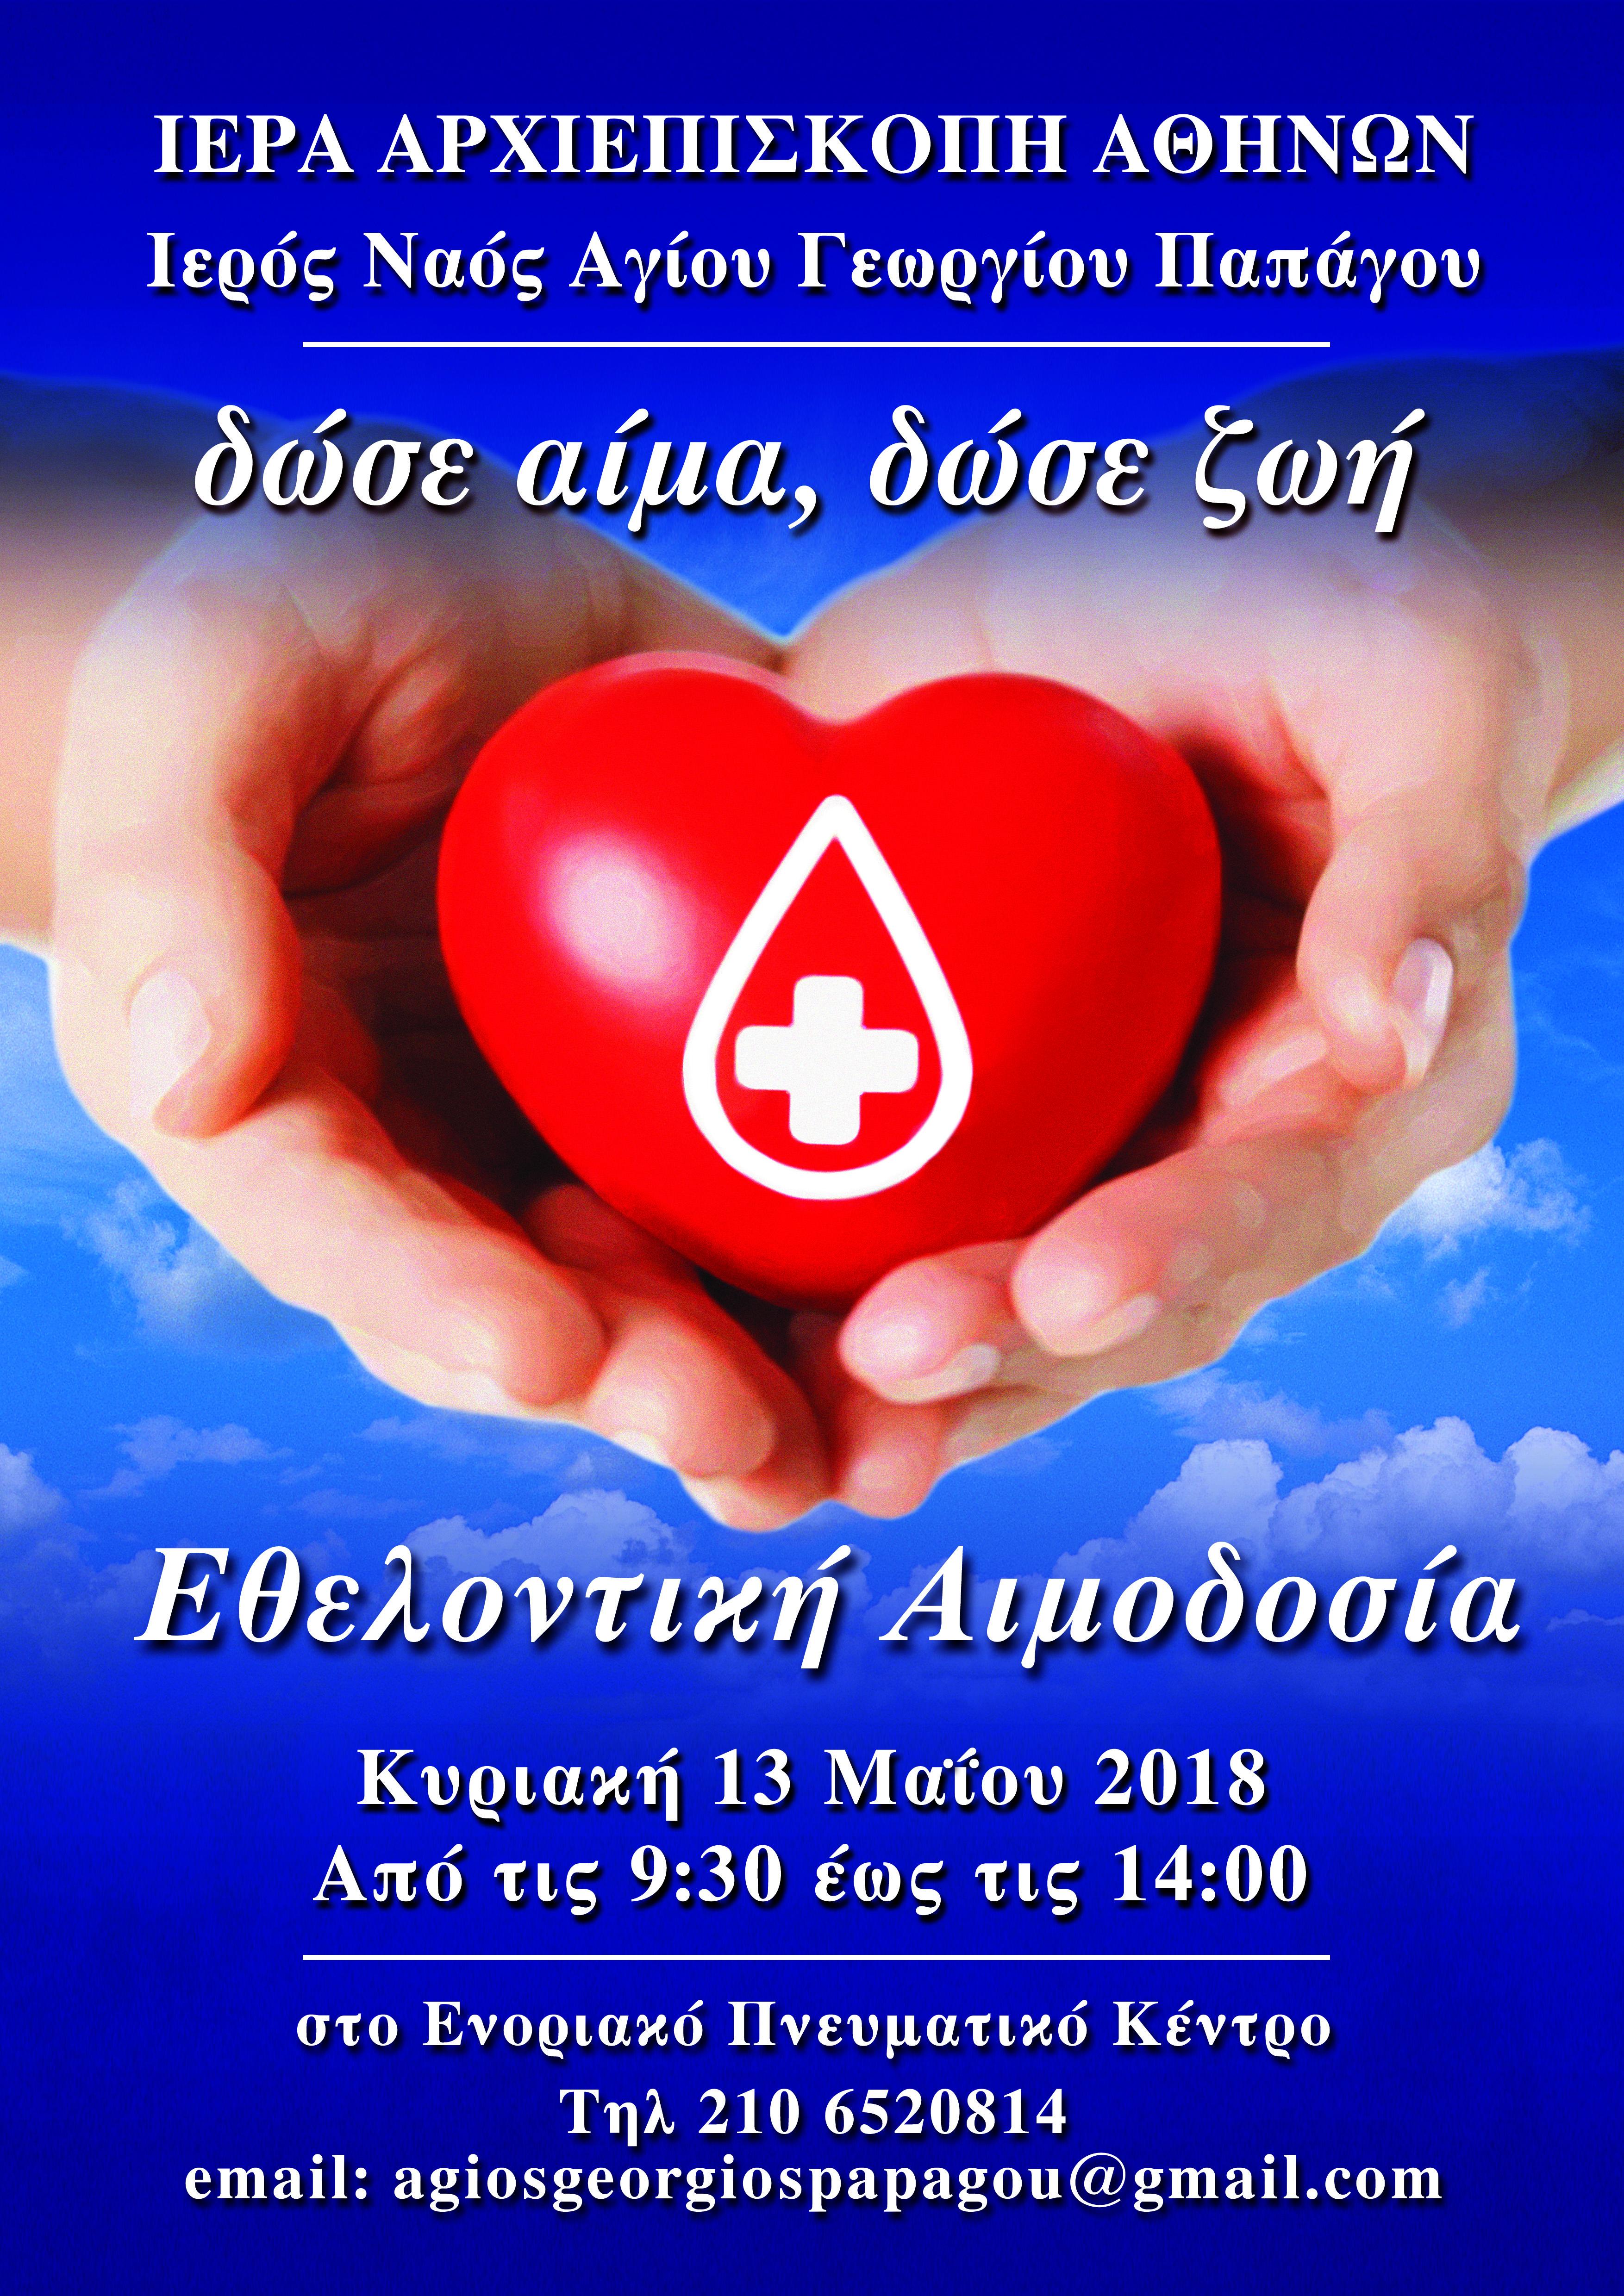 Εθελοντική αιμοδοσία Αγίου Γεωργίου Παπάγου